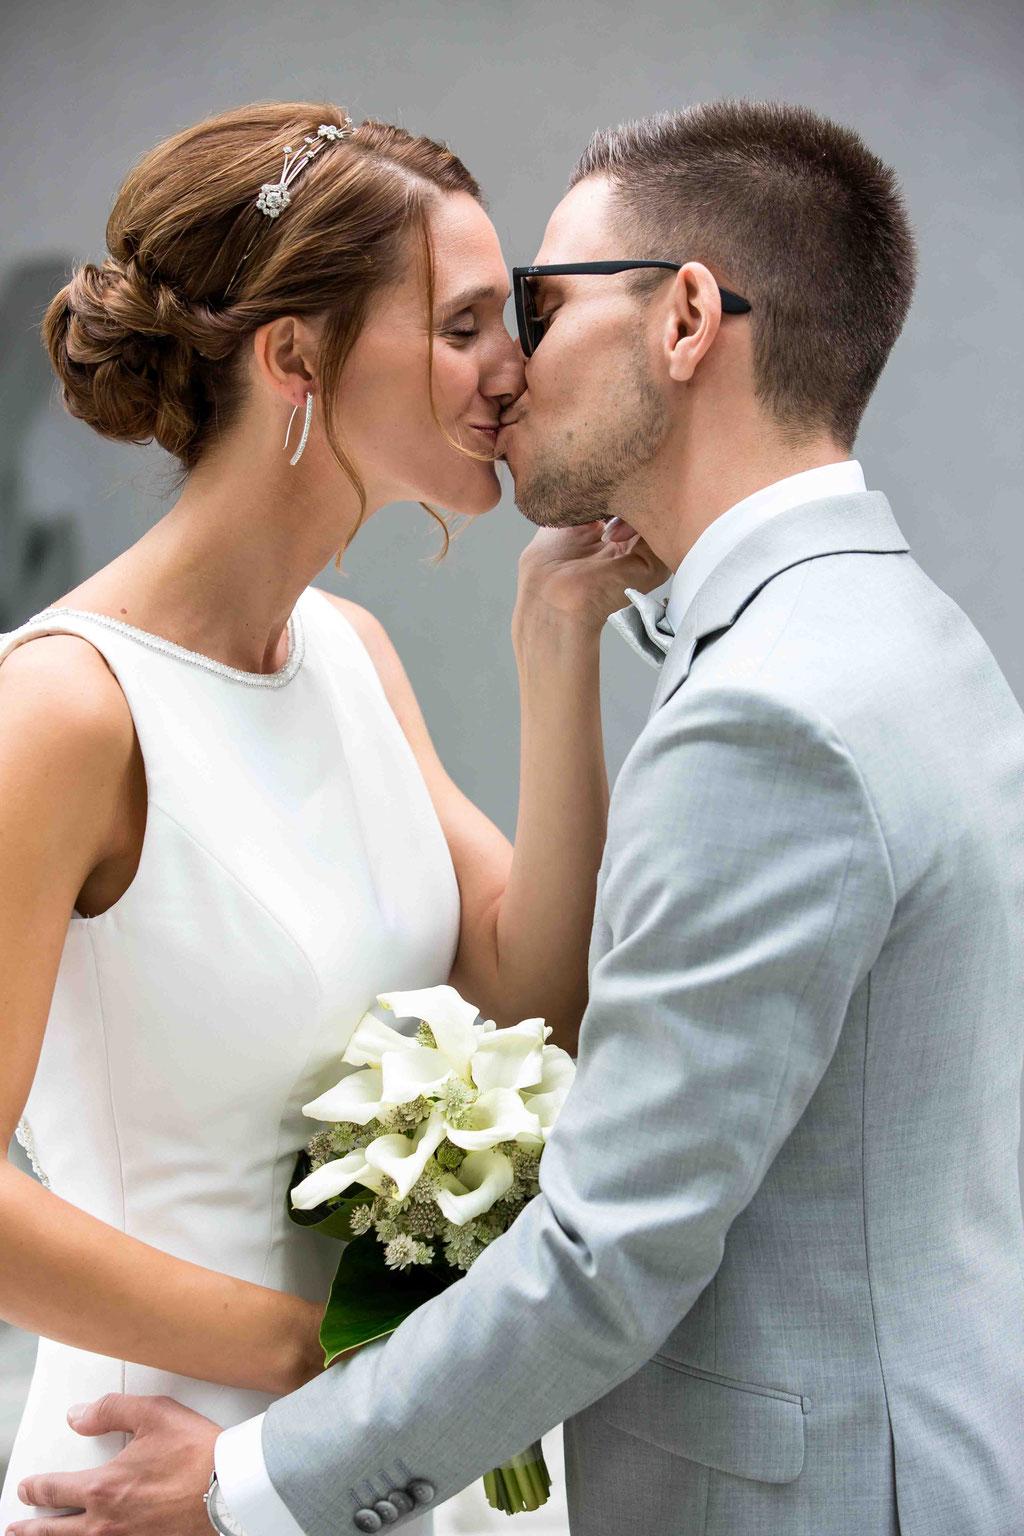 Innige Liebe Hochzeitsbild, Hochzeitsfoto liebendes Paar, Bilder des Hochzeitspaars, Hochzeitspaar Fotoshooting